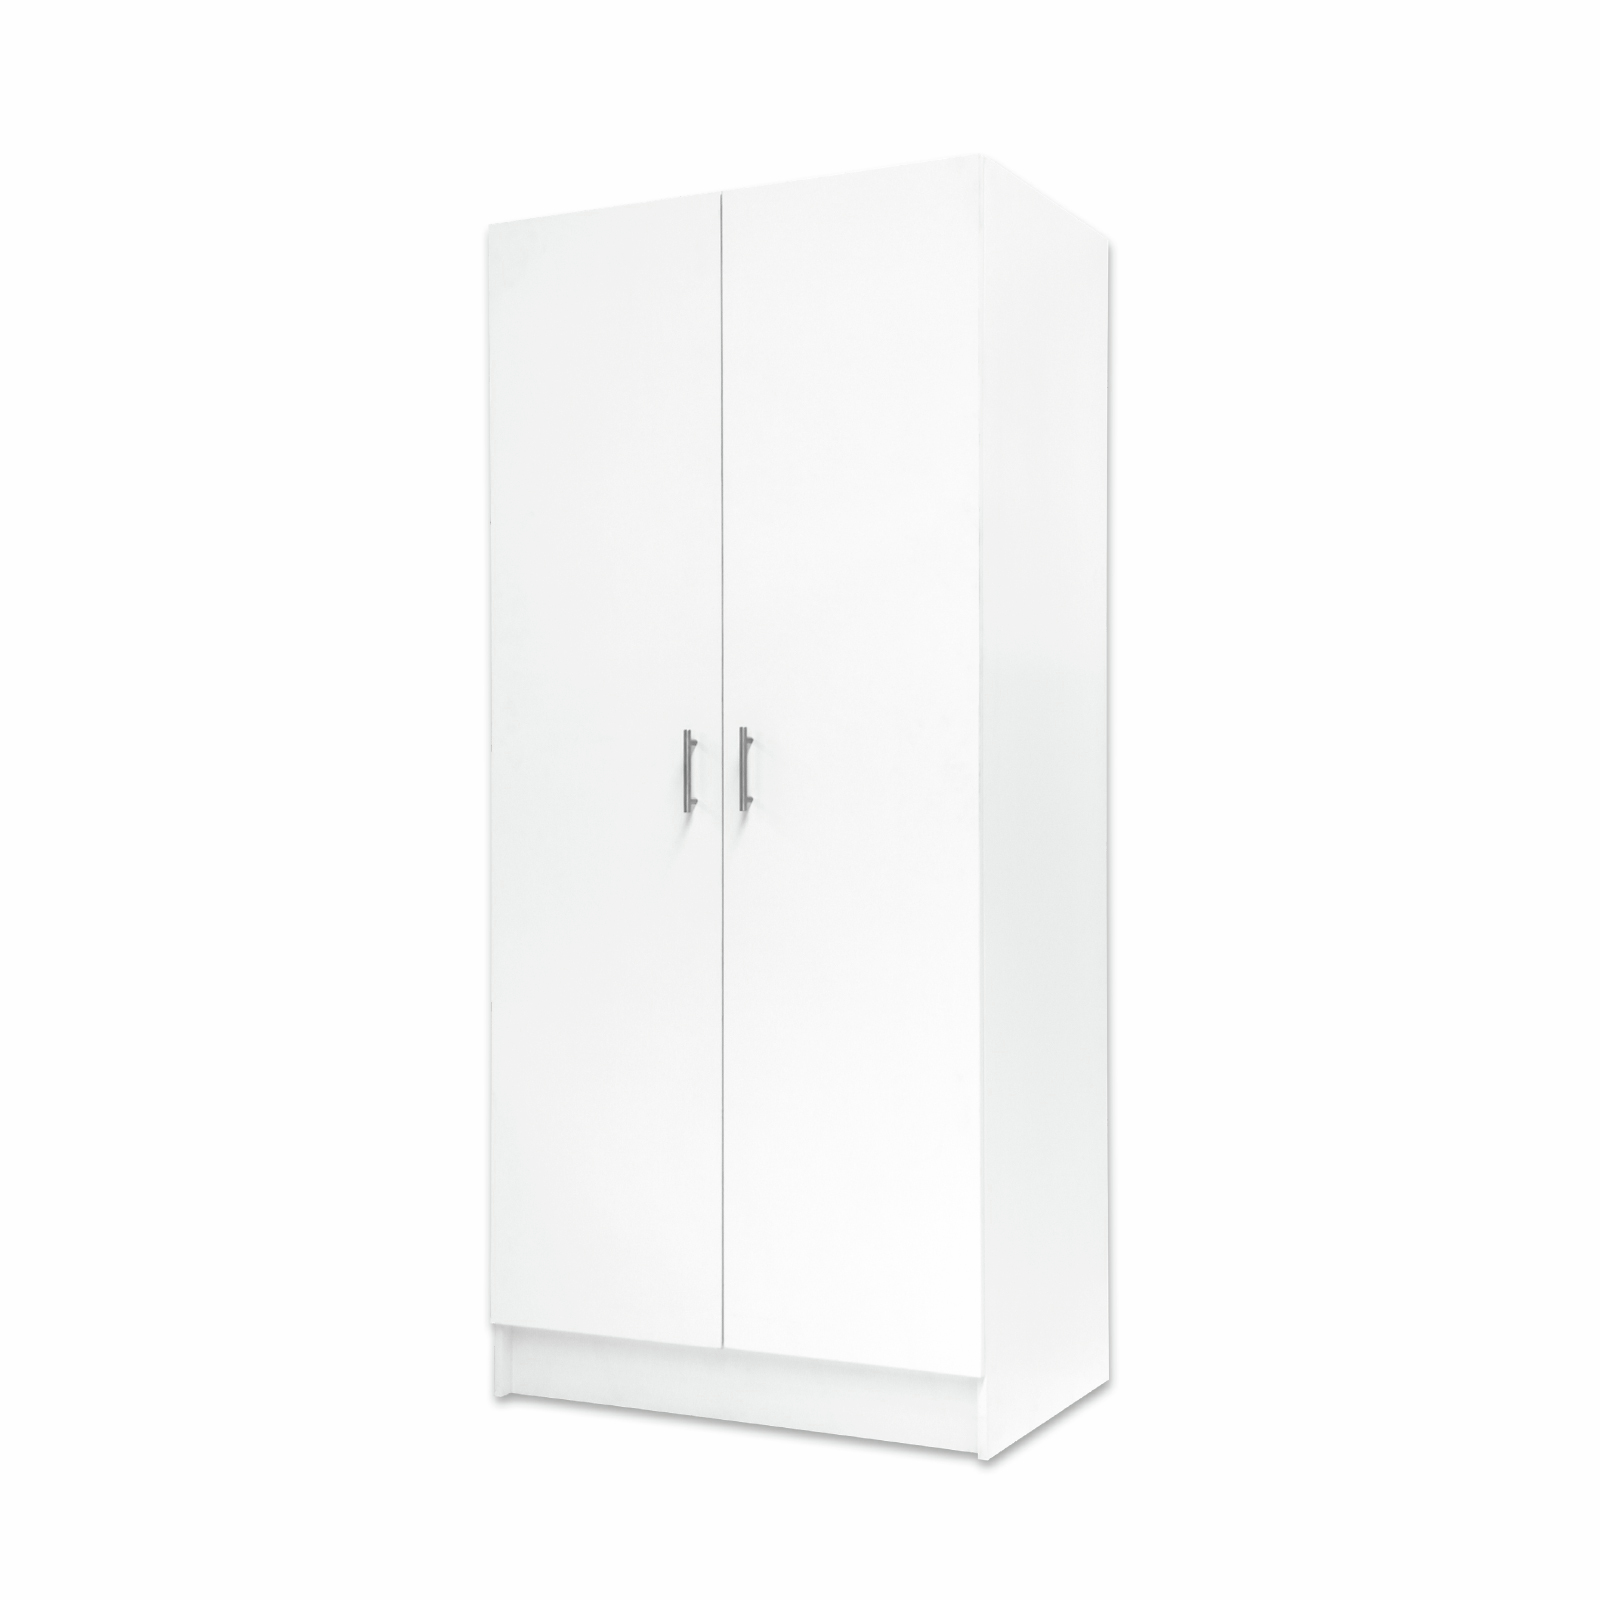 Bedford 900mm White 2 Door High Moisture Resistant Split Slimline Cabinet